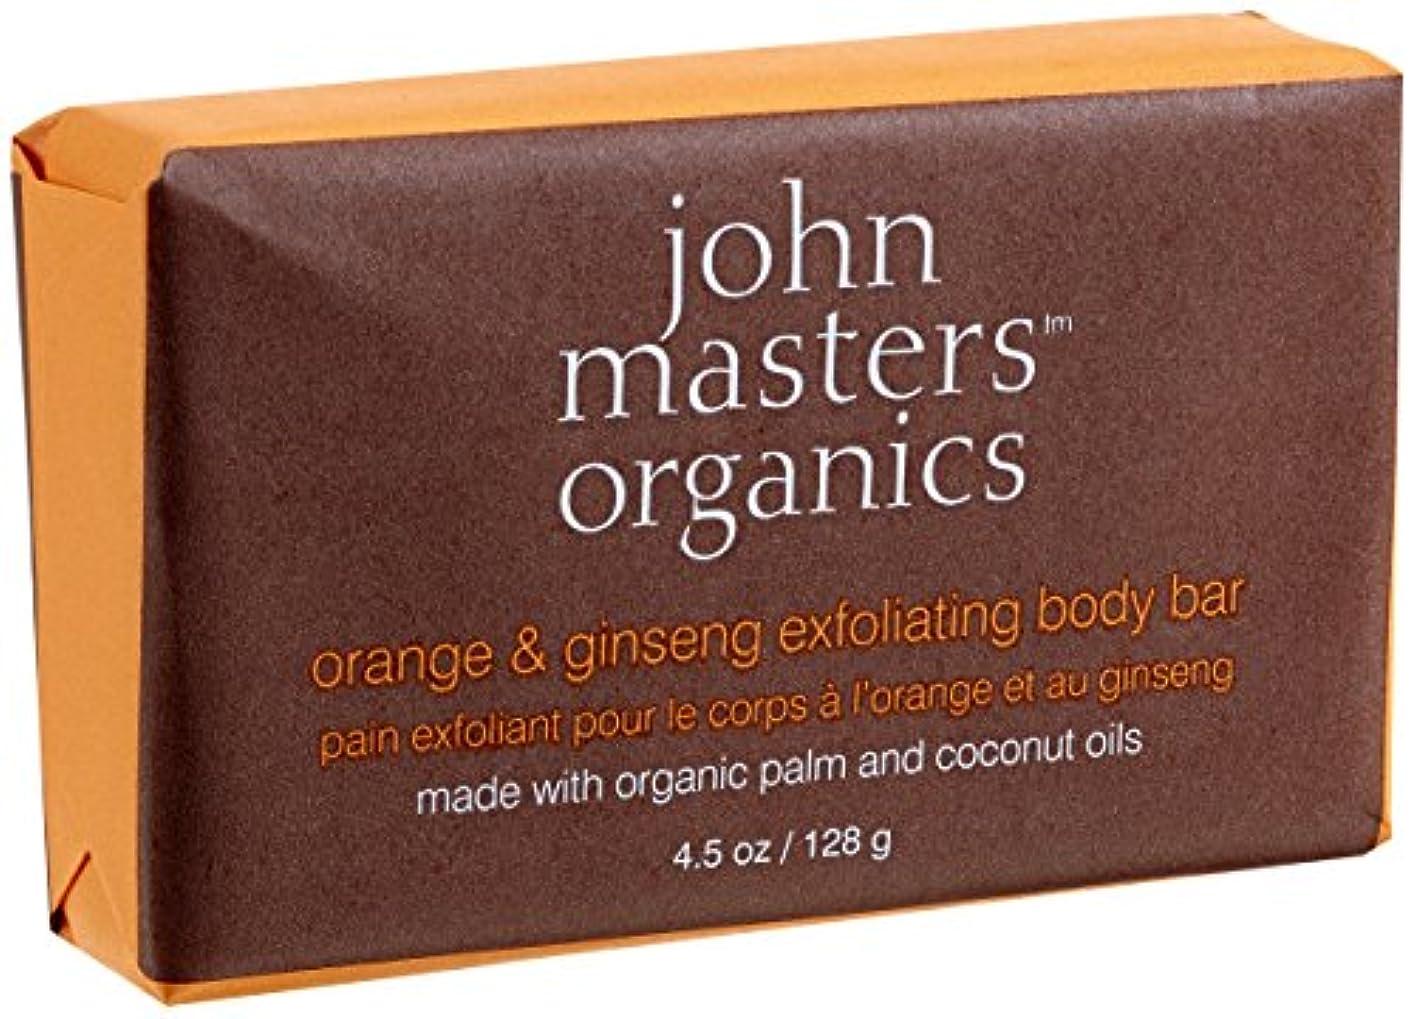 ひまわり編集する防止ジョンマスターオーガニック オレンジ&ジンセンエクスフォリエイティングボディソープ 128g